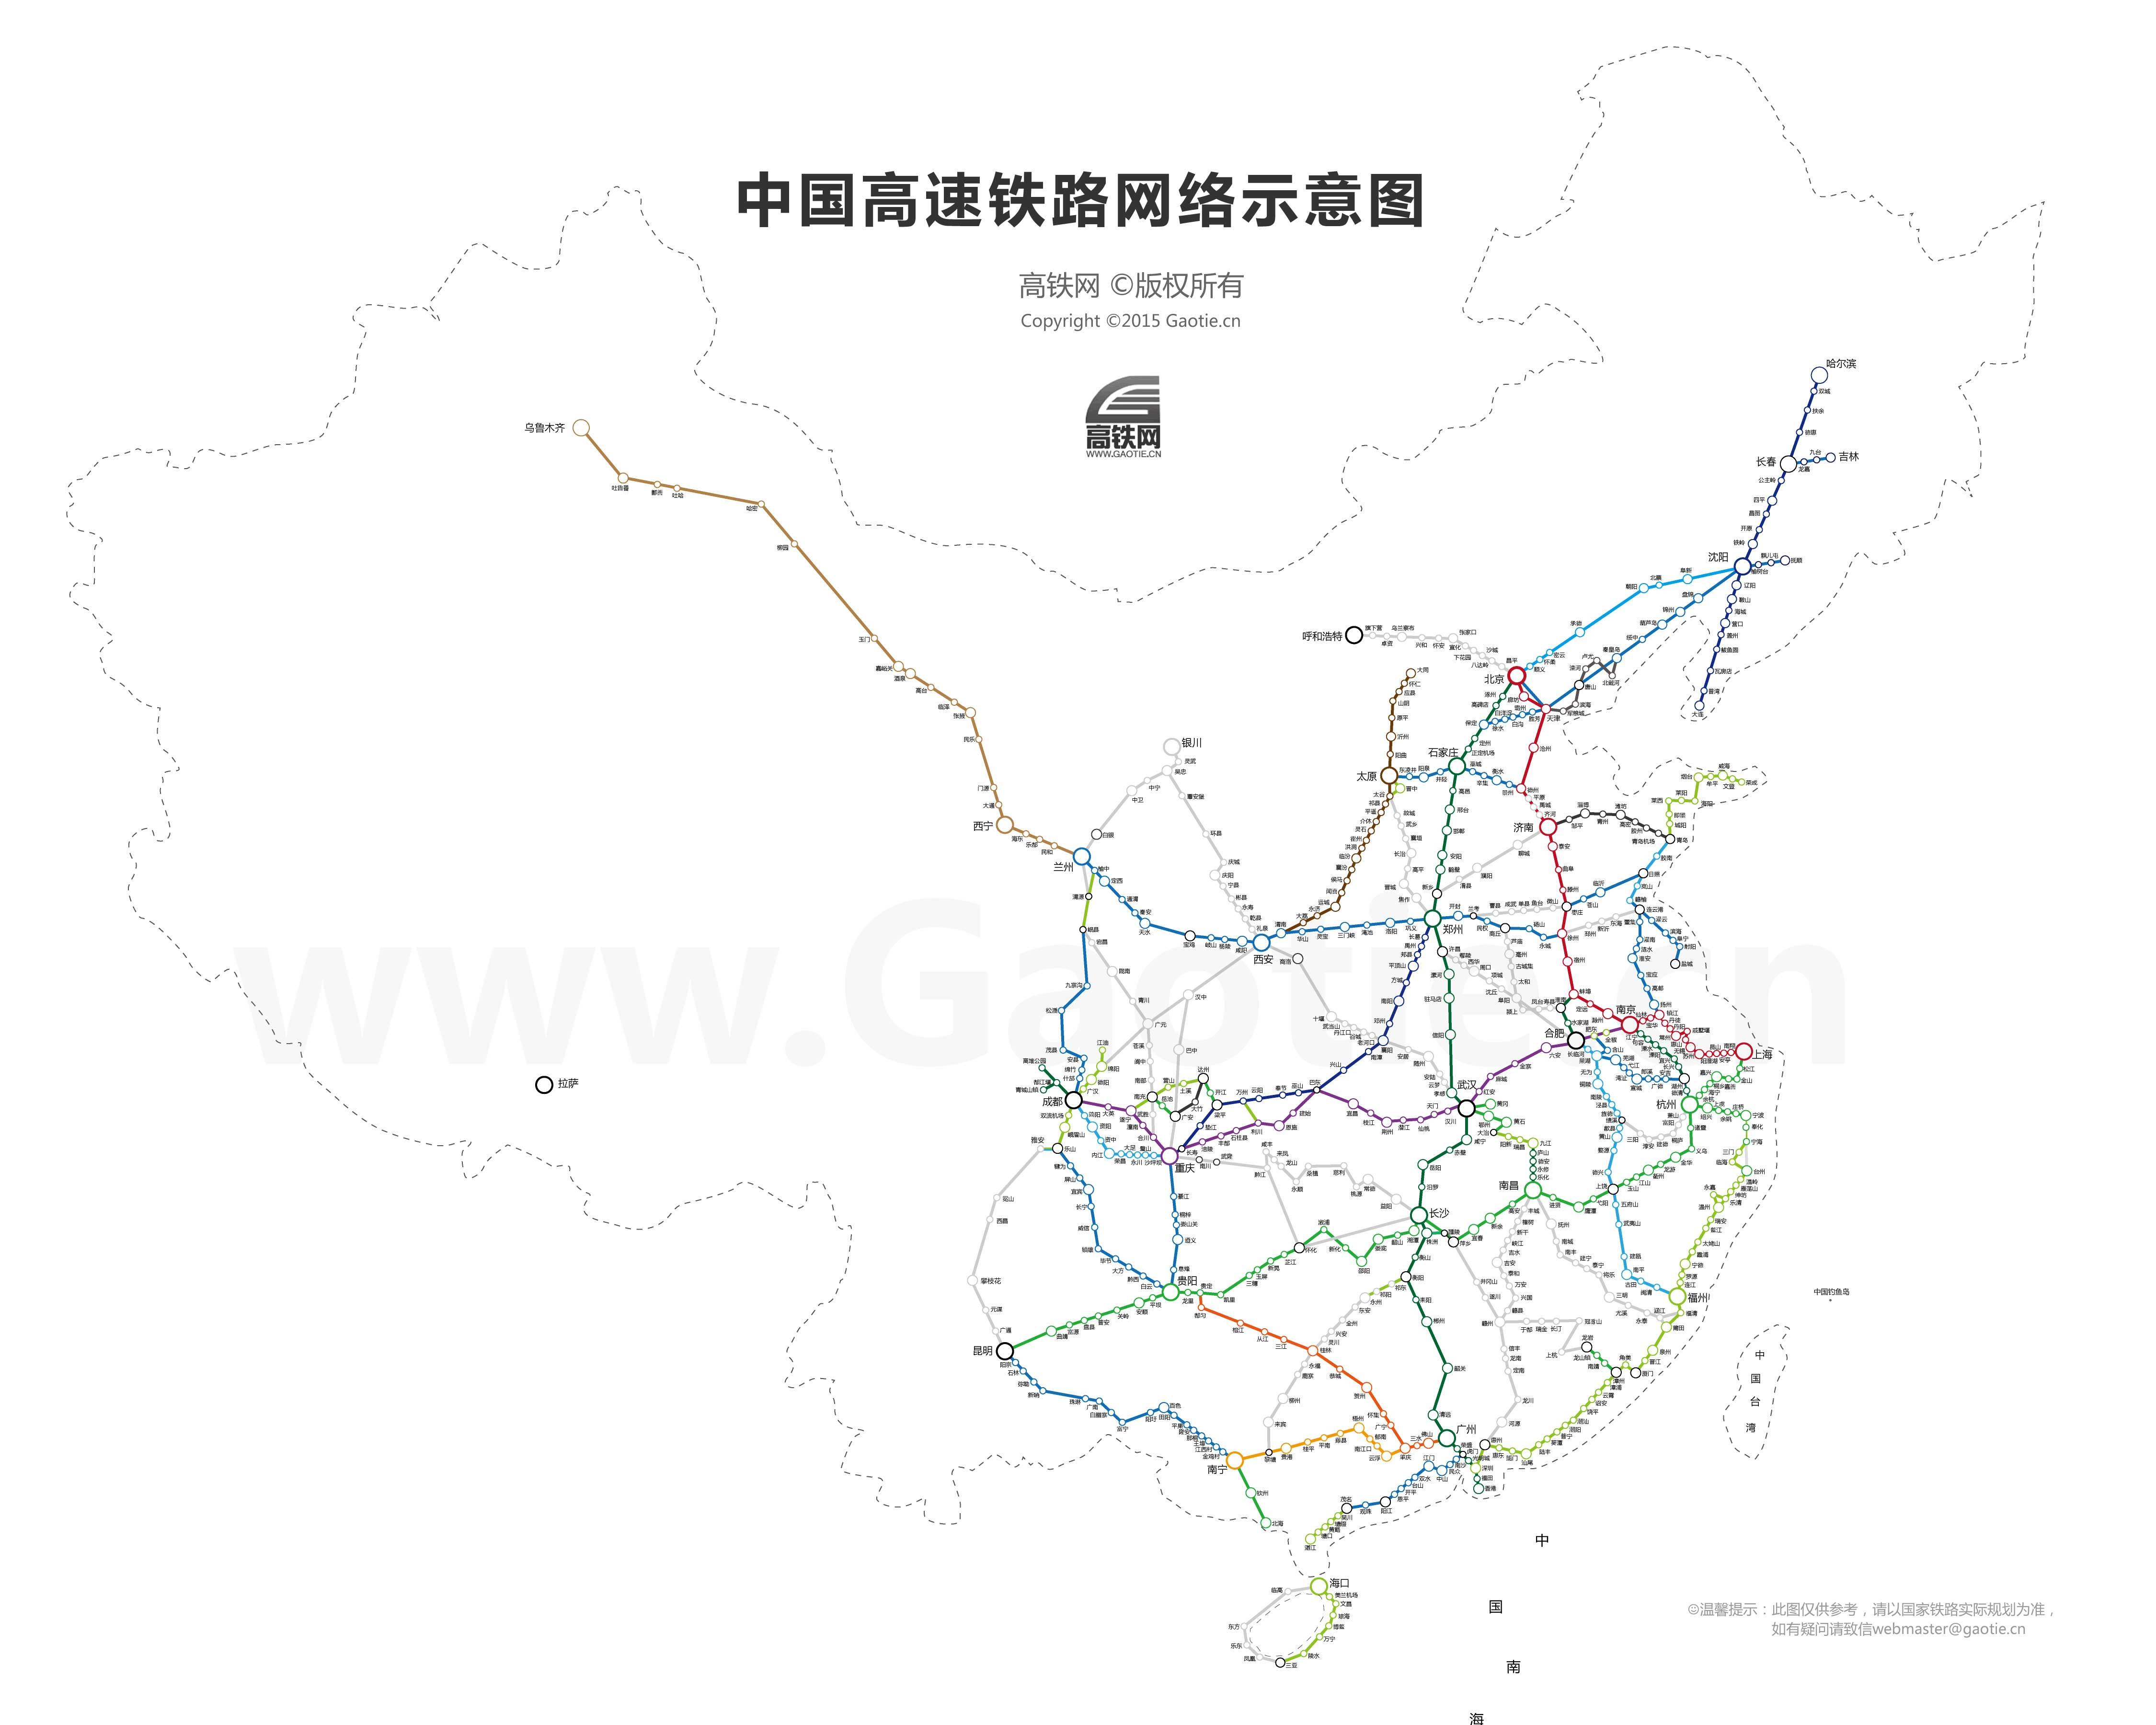 中国高铁线路网2017